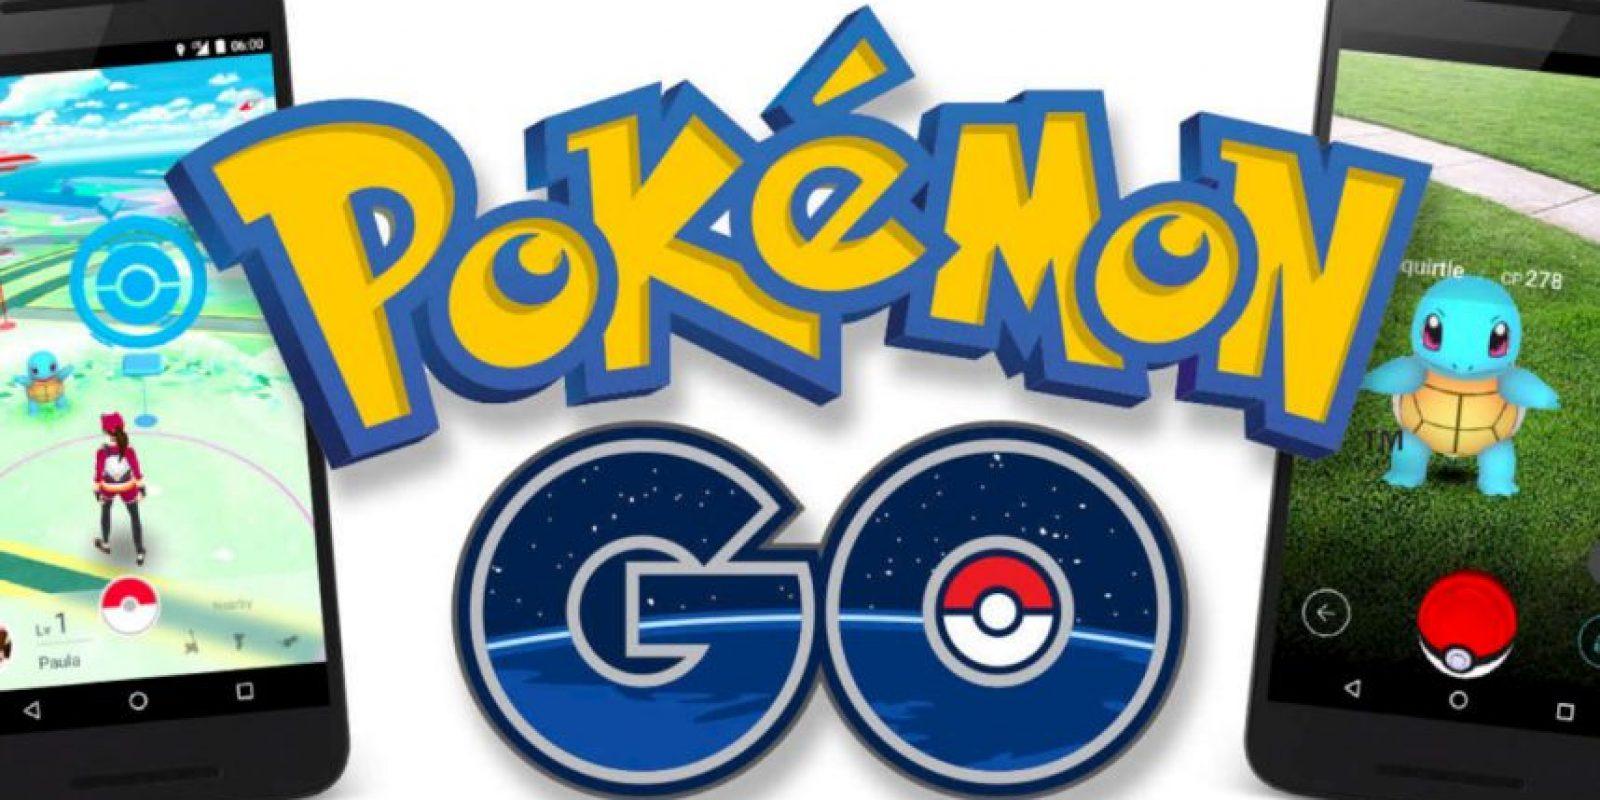 Este maestro Pokémon vive en Nueva York y asegura que un punto con cuatro poképaradas cerca del Central Park. le ayudo a capturar varios pokémones sin alejarse mucho de su casa. Foto:Niantic / Nintendo